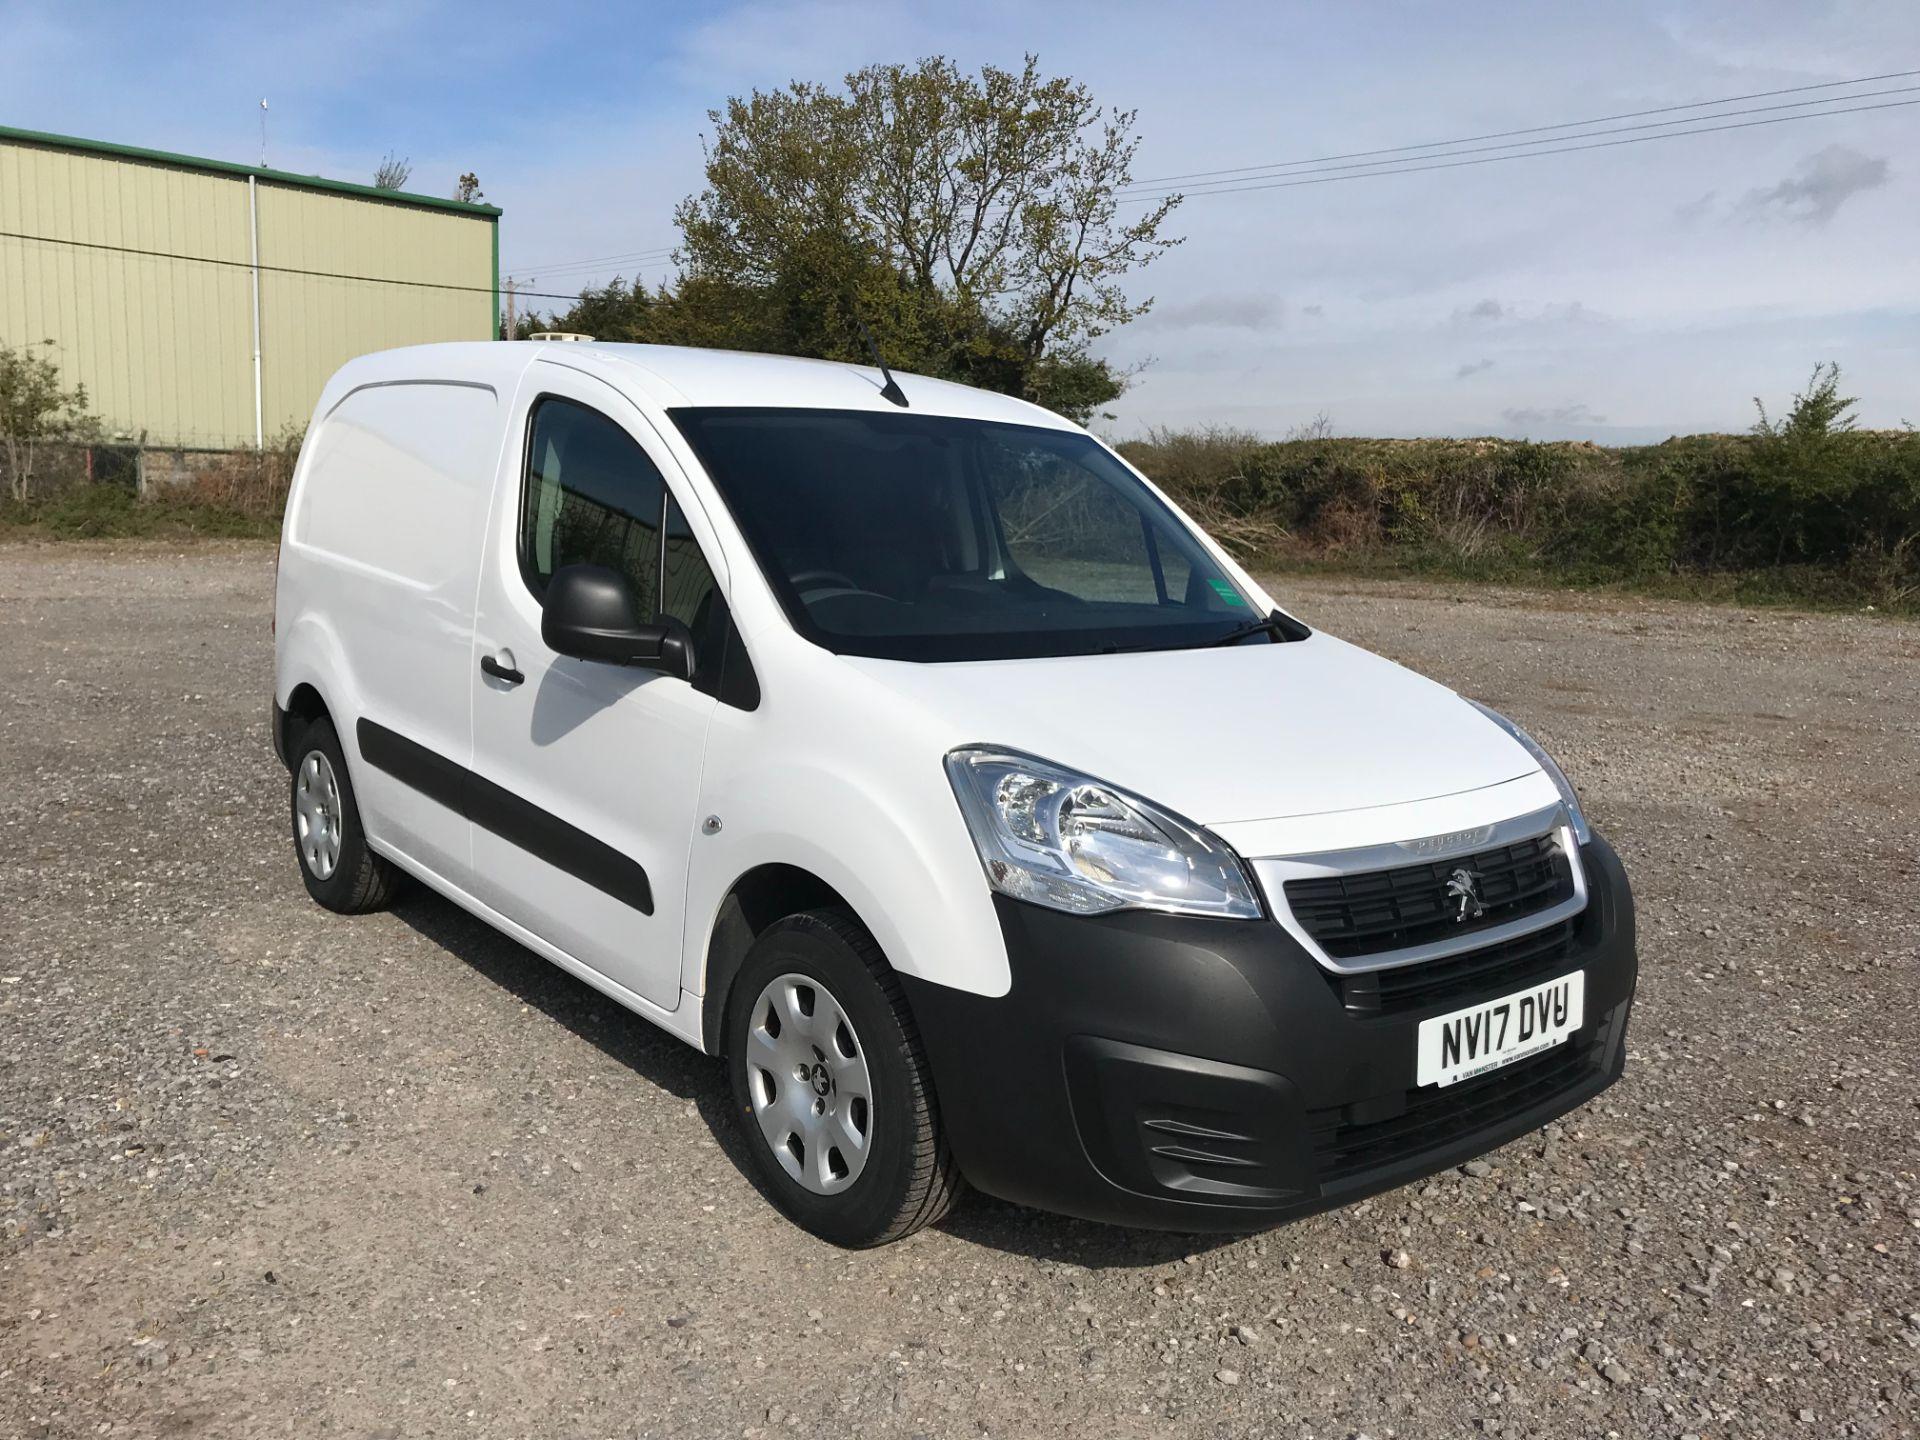 2017 Peugeot Partner 850 1.6 Bluehdi 100 Professional Van [Non Ss] EURO 6 (NV17DVU)